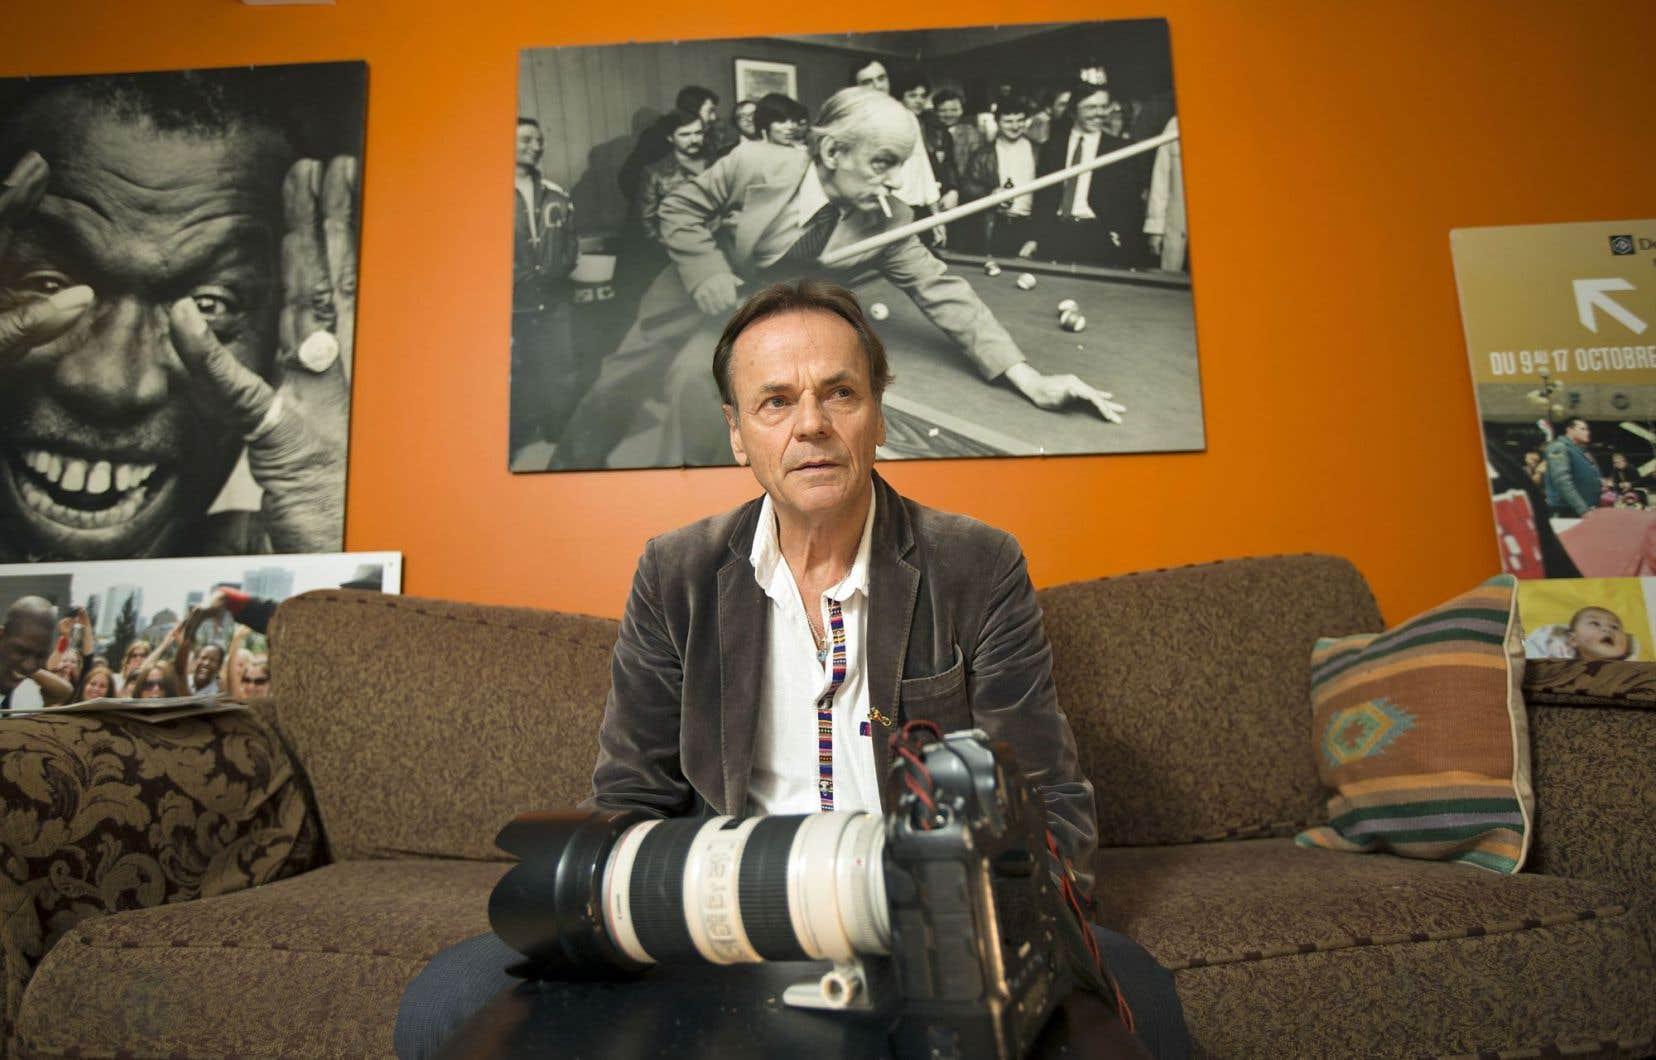 Jacques Nadeau a couvert les grands rendez-vous de l'histoire du Québec depuis plus de 30 ans. Accroché au mur derrière lui, un célèbre portrait de René Lévesque.